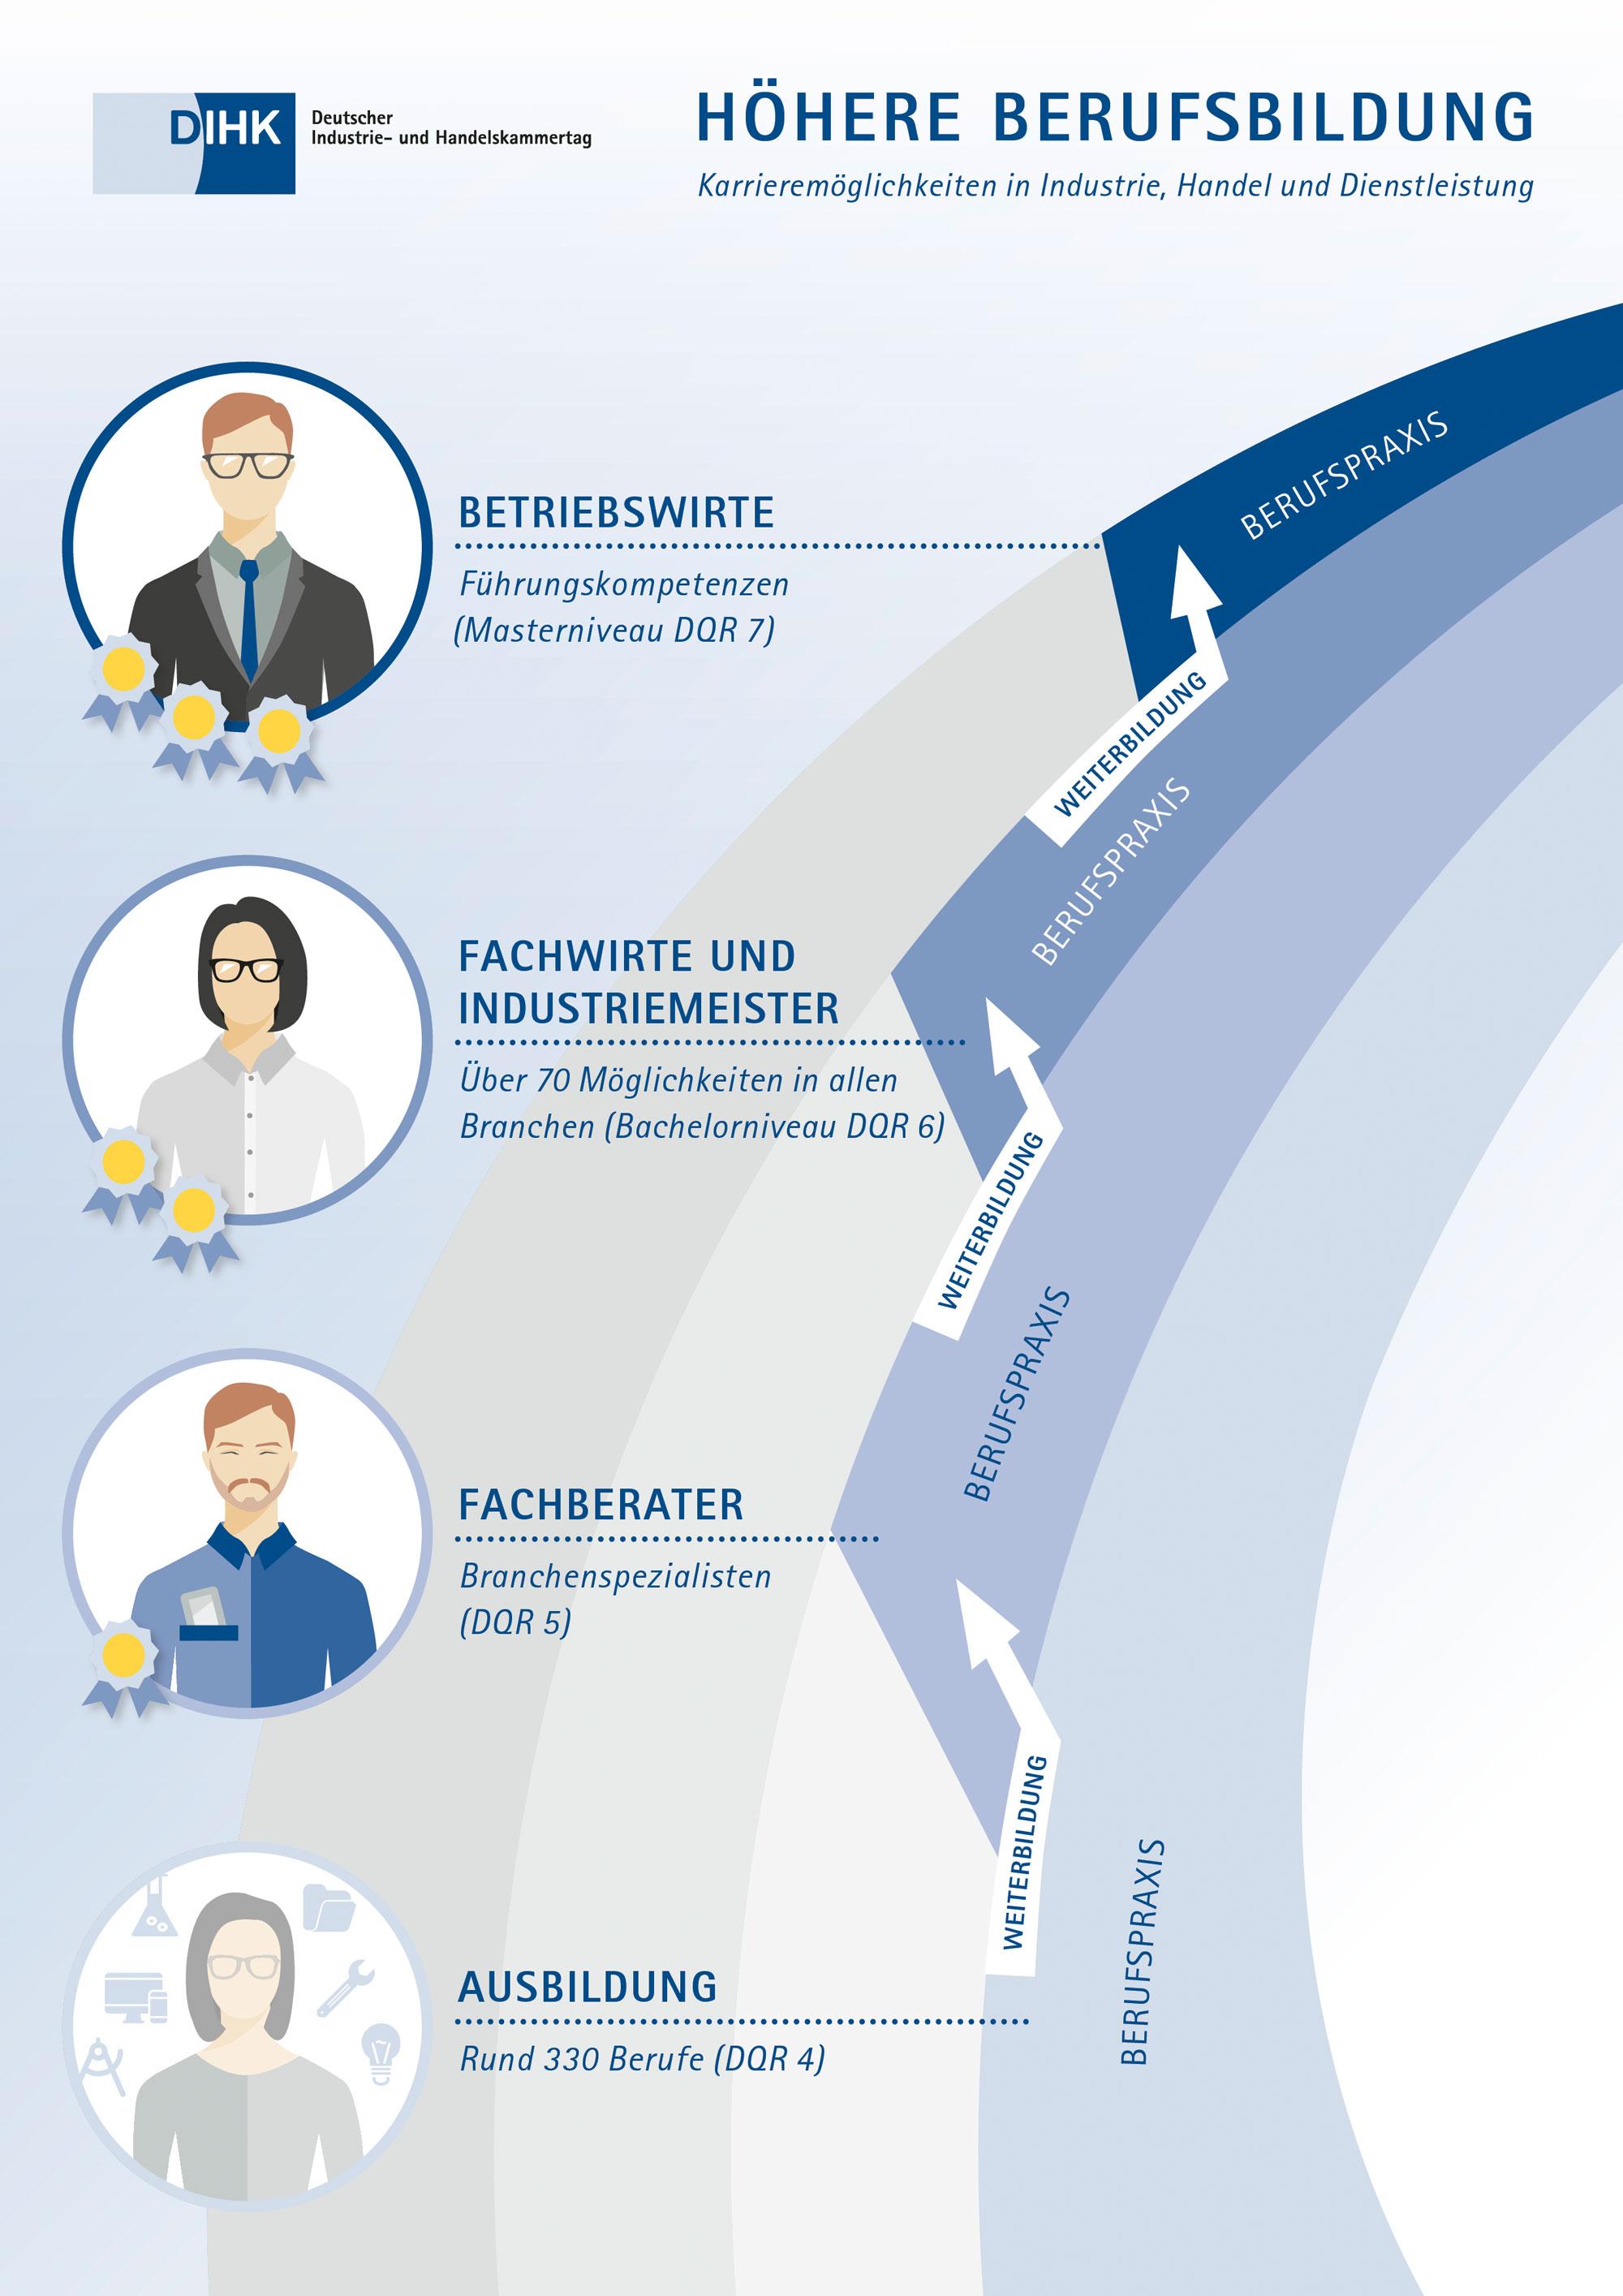 Höhere Berufsbildung – Karrieremöglichkeiten in Industrie, Handel und Dienstleistung